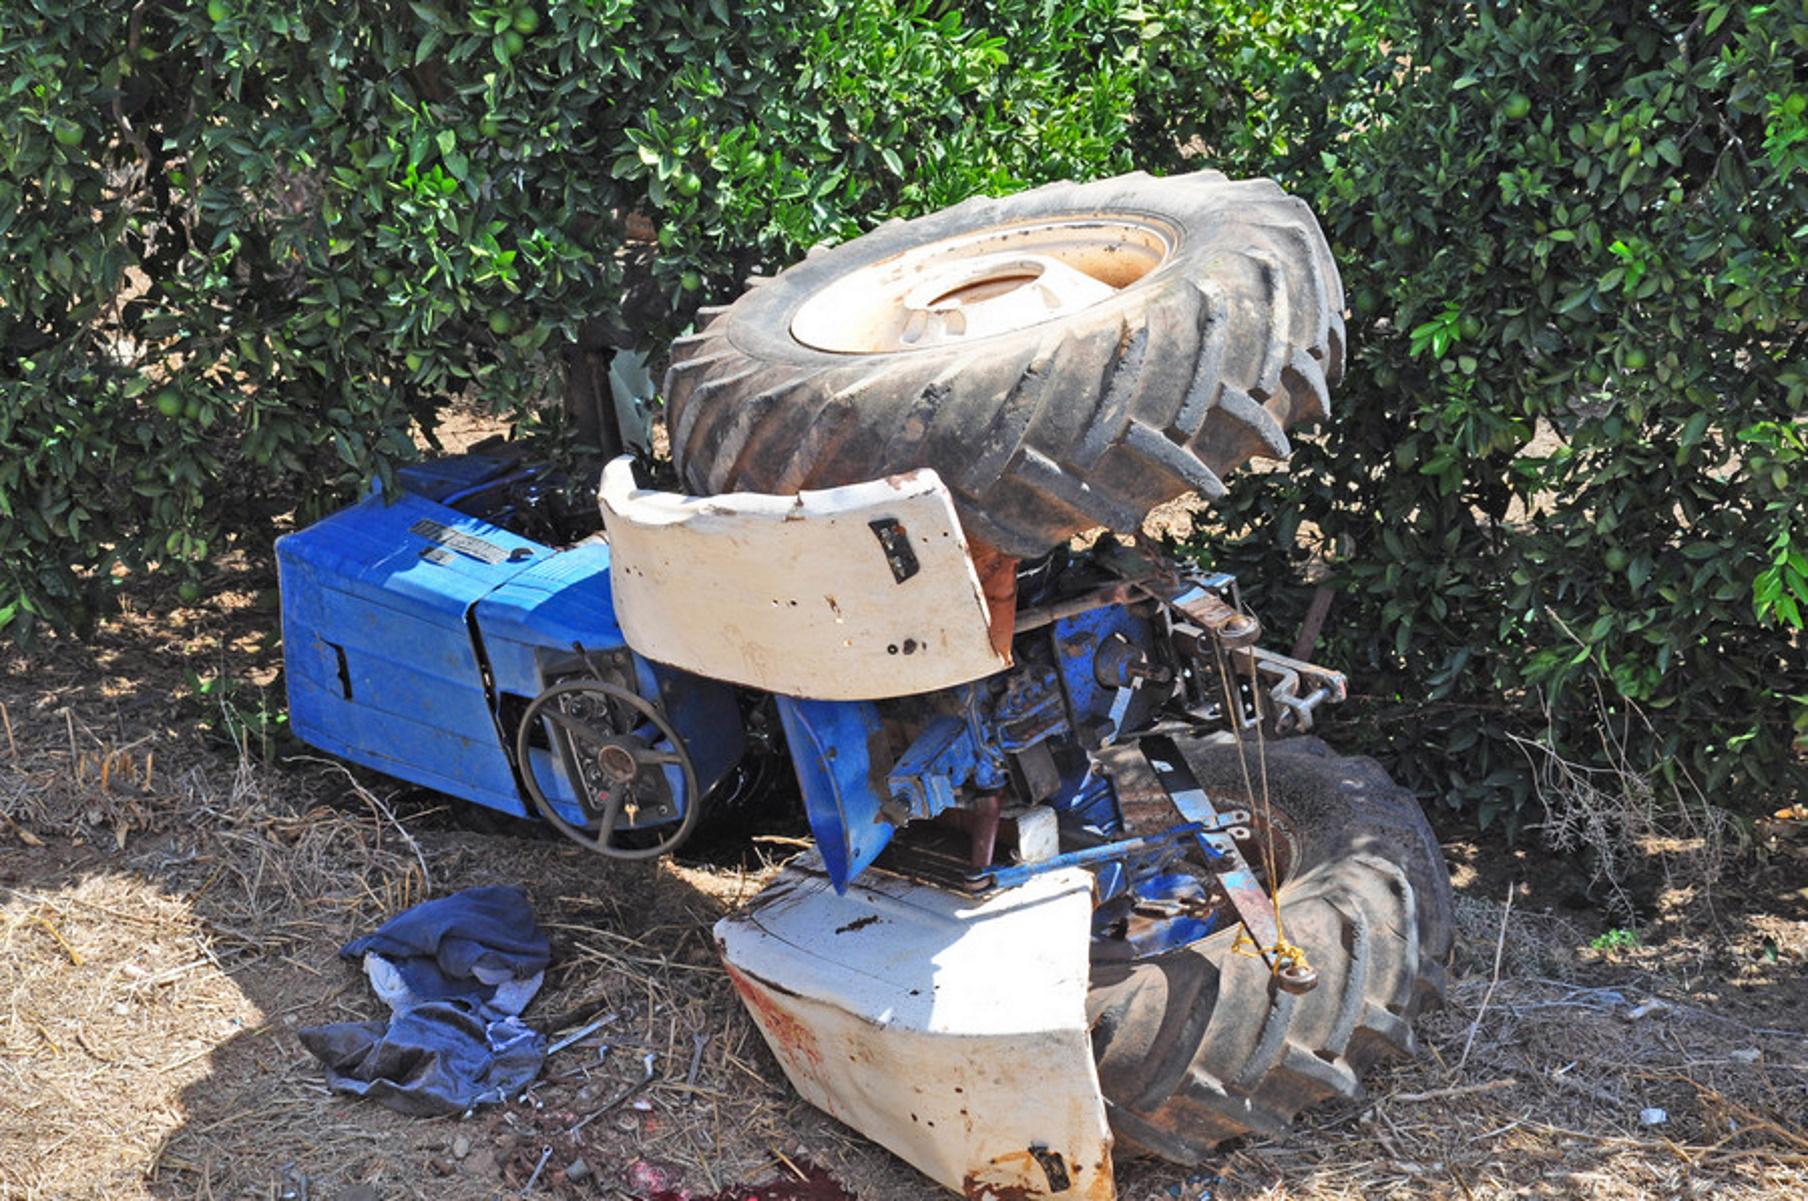 Ηλεία: Τραγικό δυστύχημα για 67χρονο – Καταπλακώθηκε από το τρακτέρ του στον Κακόβατο